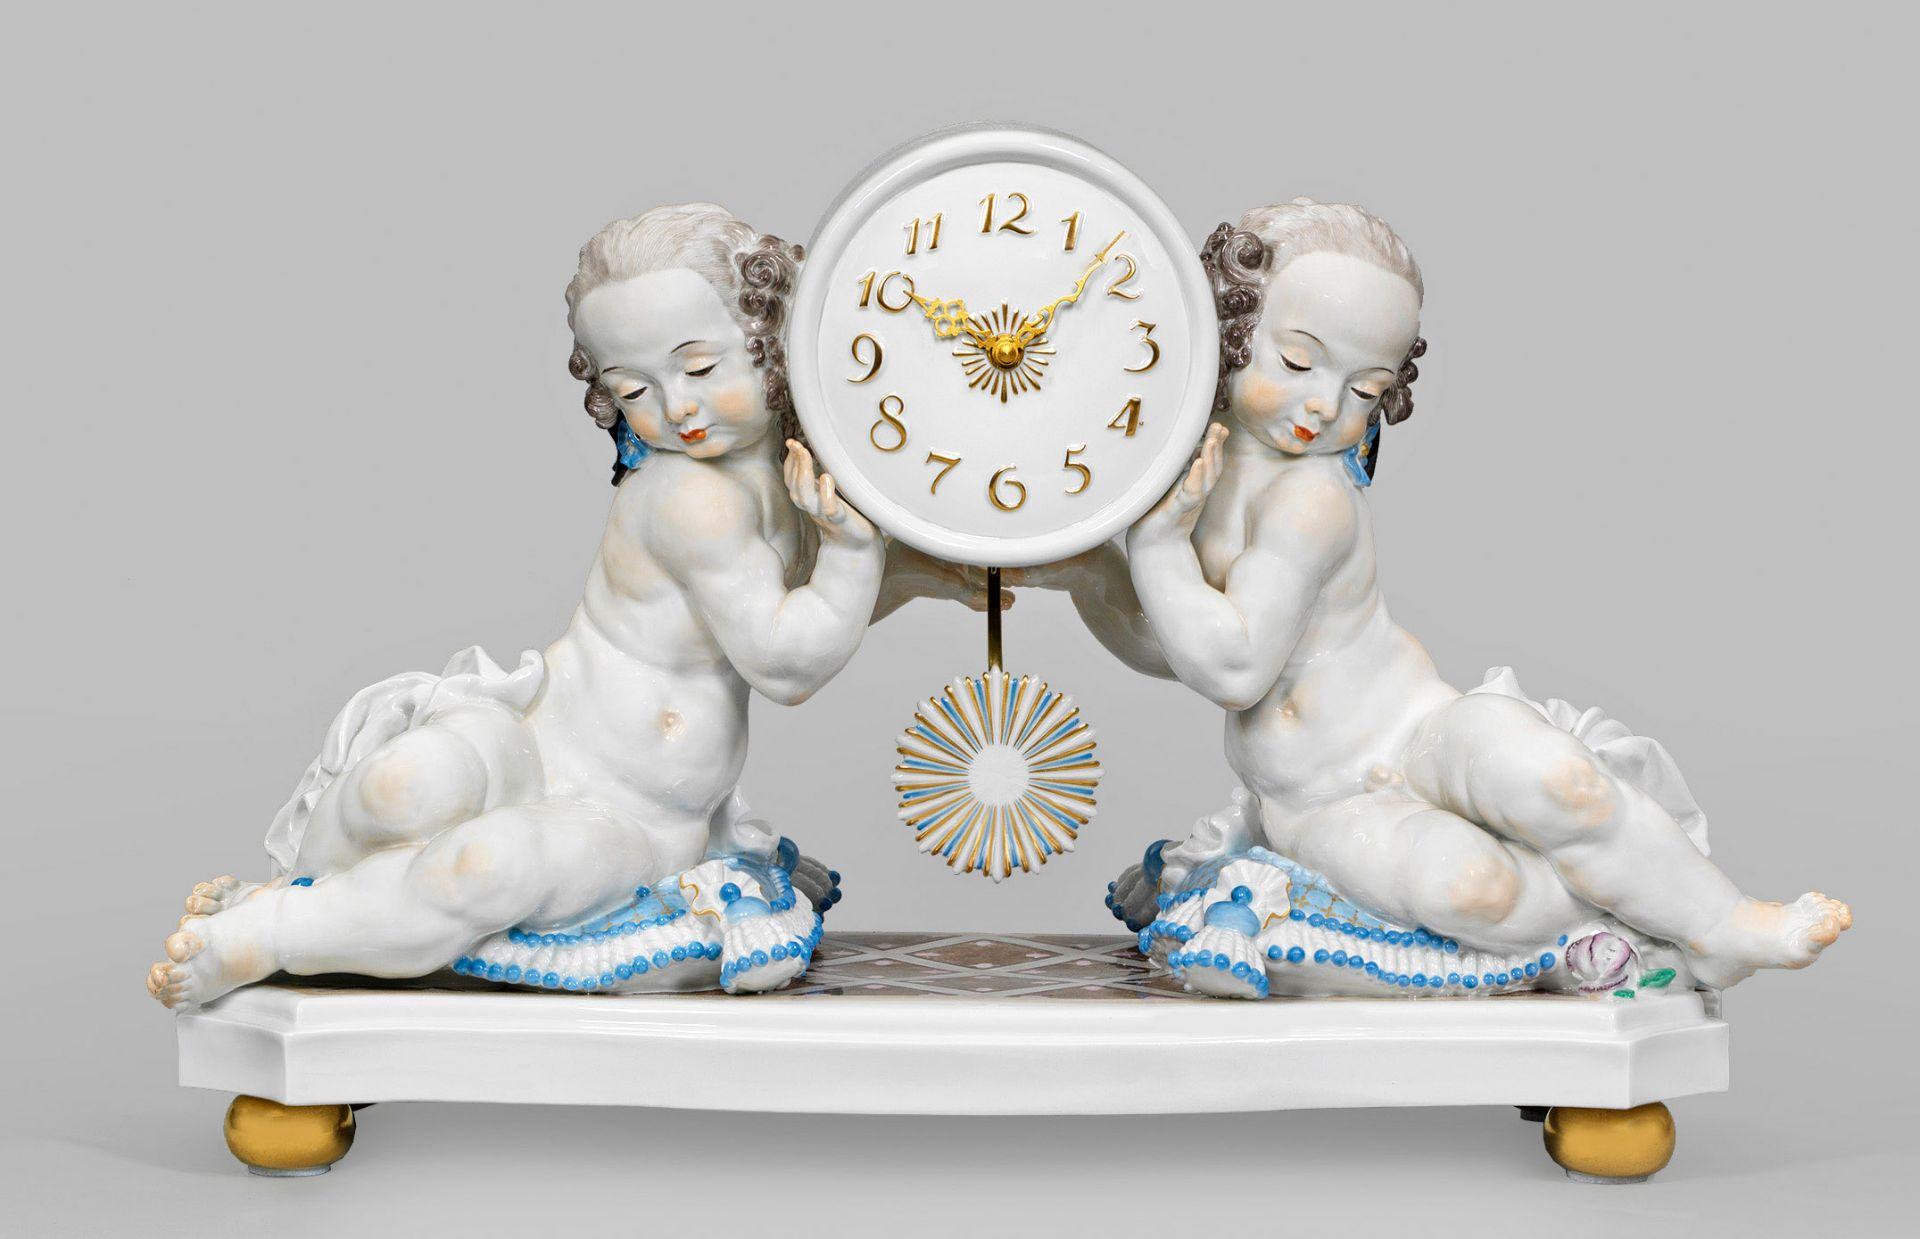 """Große Kaminuhr """"Uhr von zwei Putten getragen"""". Originaltitel"""